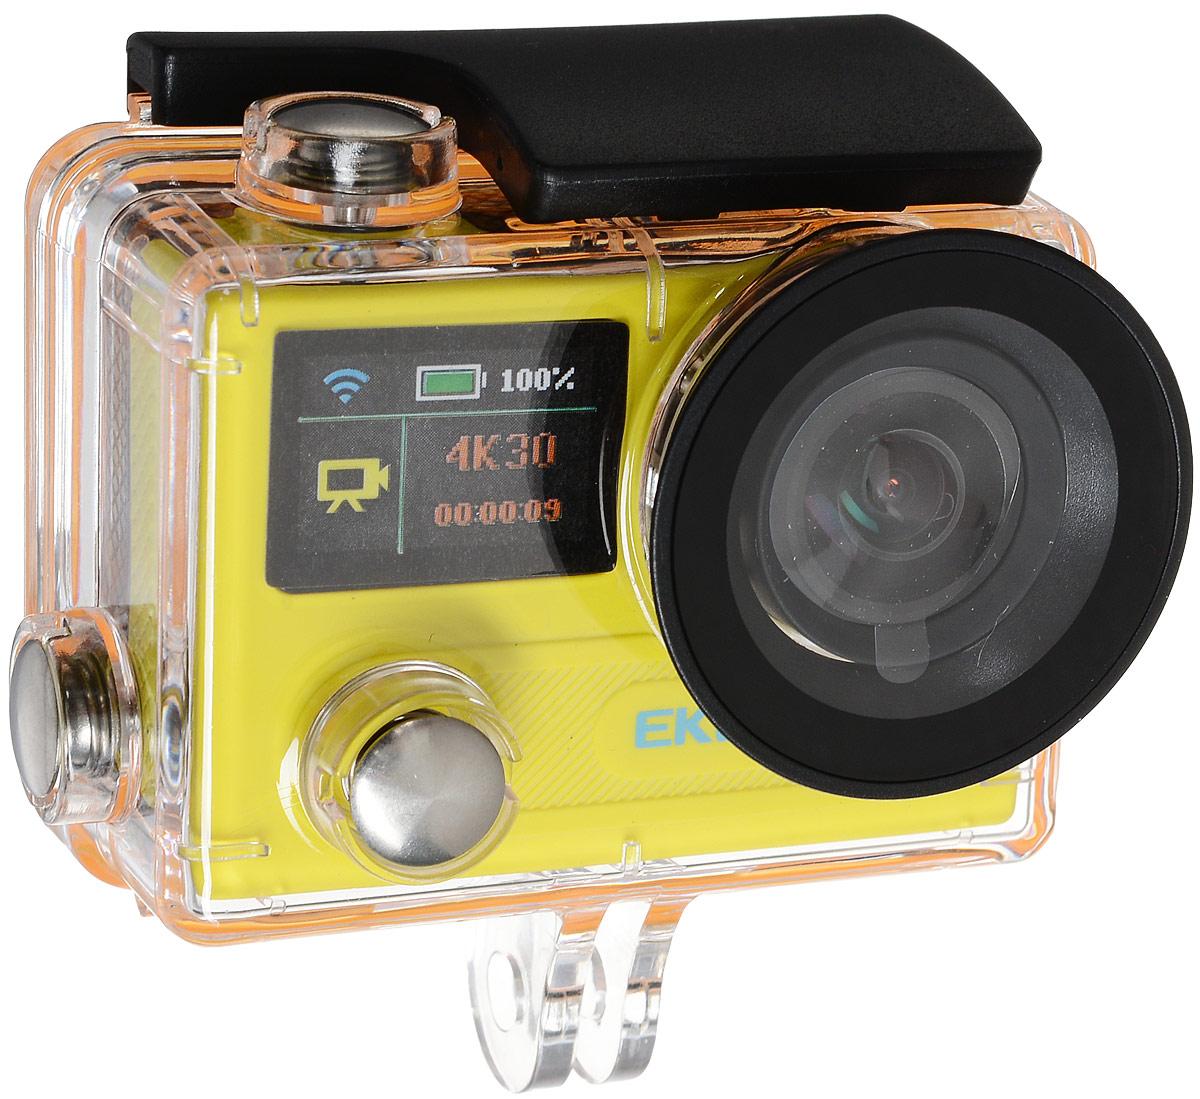 Eken H8R Ultra HD, Yellow экшн-камераH8R YELLOWЭкшн-камера Eken H8R Ultra HD позволяет записывать видео с разрешением 4К и очень плавным изображением до 30 кадров в секунду. Камера имеет два дисплея: 2 TFT LCD основной экран и 0.95 OLED экран статуса (уровень заряда батареи, подключение к WiFi, режим съемки и длительность записи). Эта модель сделана для любителей спорта на улице, подводного плавания, скейтбординга, скай-дайвинга, скалолазания, бега или охоты. Снимайте с руки, на велосипеде, в машине и где угодно. По сравнению с предыдущими версиями, в Eken H8R Ultra HD вы найдете уменьшенные размеры корпуса, увеличенный до 2-х дюймов экран, невероятную оптику и фантастическое разрешение изображения при съемке 30 кадров в секунду! Управляйте вашей H8R на своем смартфоне или планшете. Приложение Ez iCam App позволяет работать с браузером и наблюдать все то, что видит ваша камера. В комплекте с камерой идет пульт ДУ работающий на частоте 2,4 Ггц. Он позволяет начинать и заканчивать съемку удаленно.